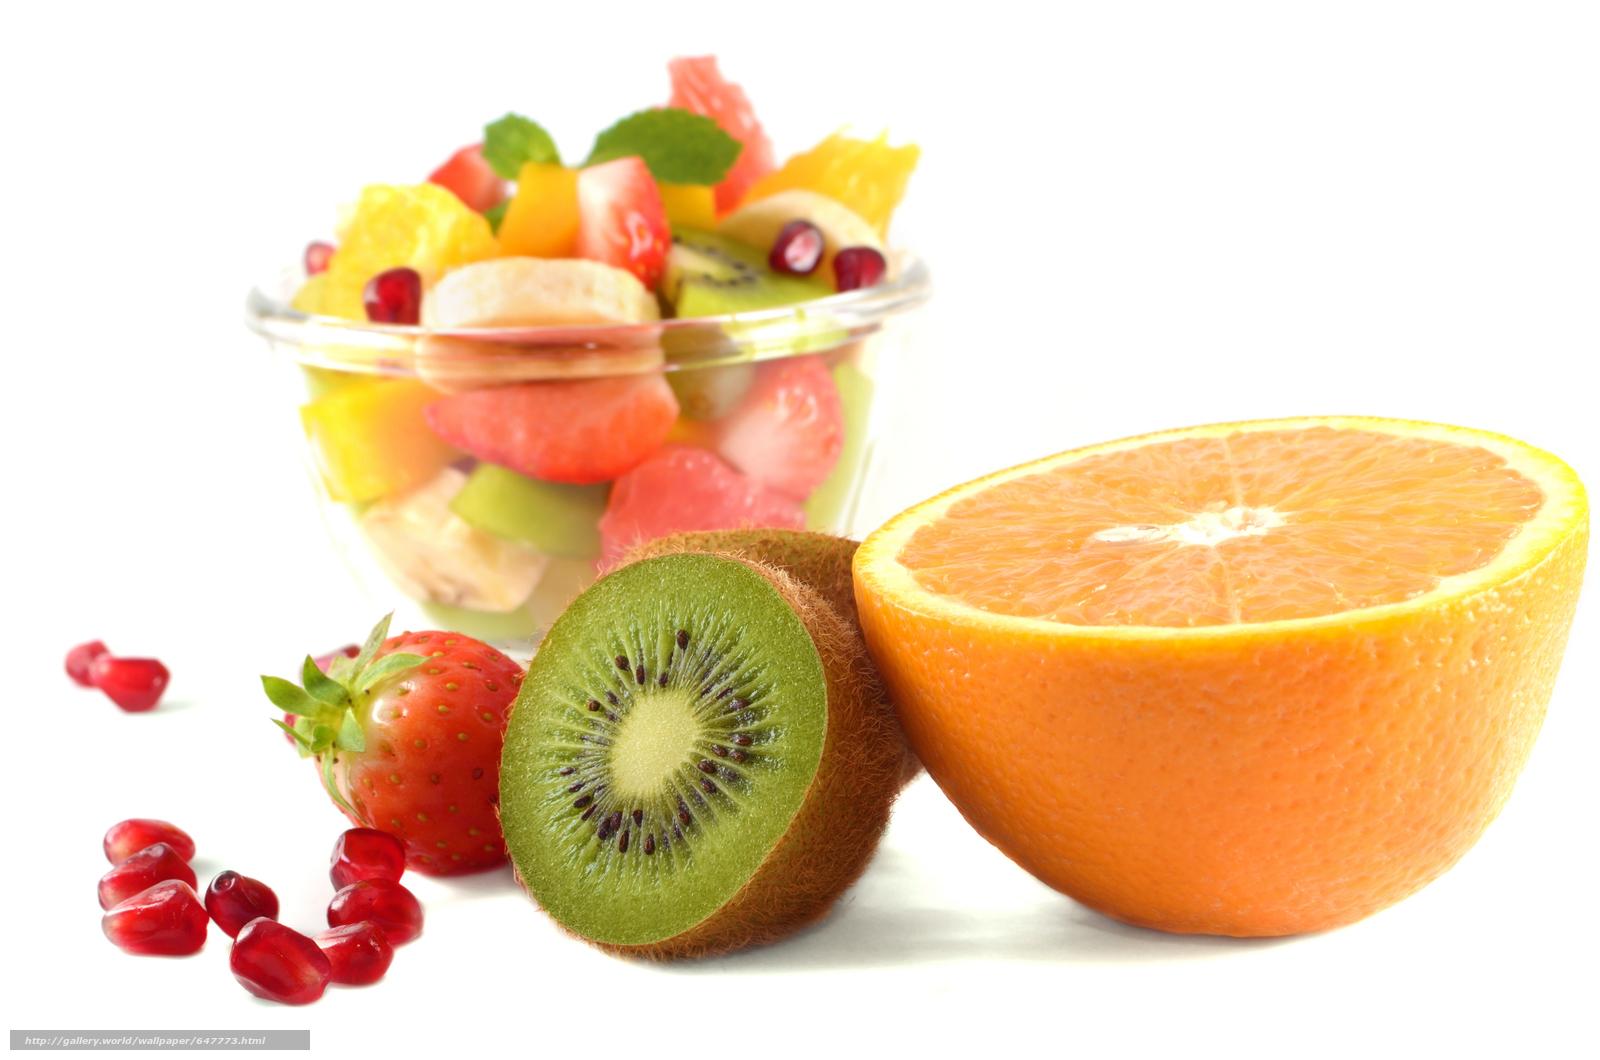 Скачать обои фрукты,  витамины,  еда бесплатно для рабочего стола в разрешении 8000x5298 — картинка №647773